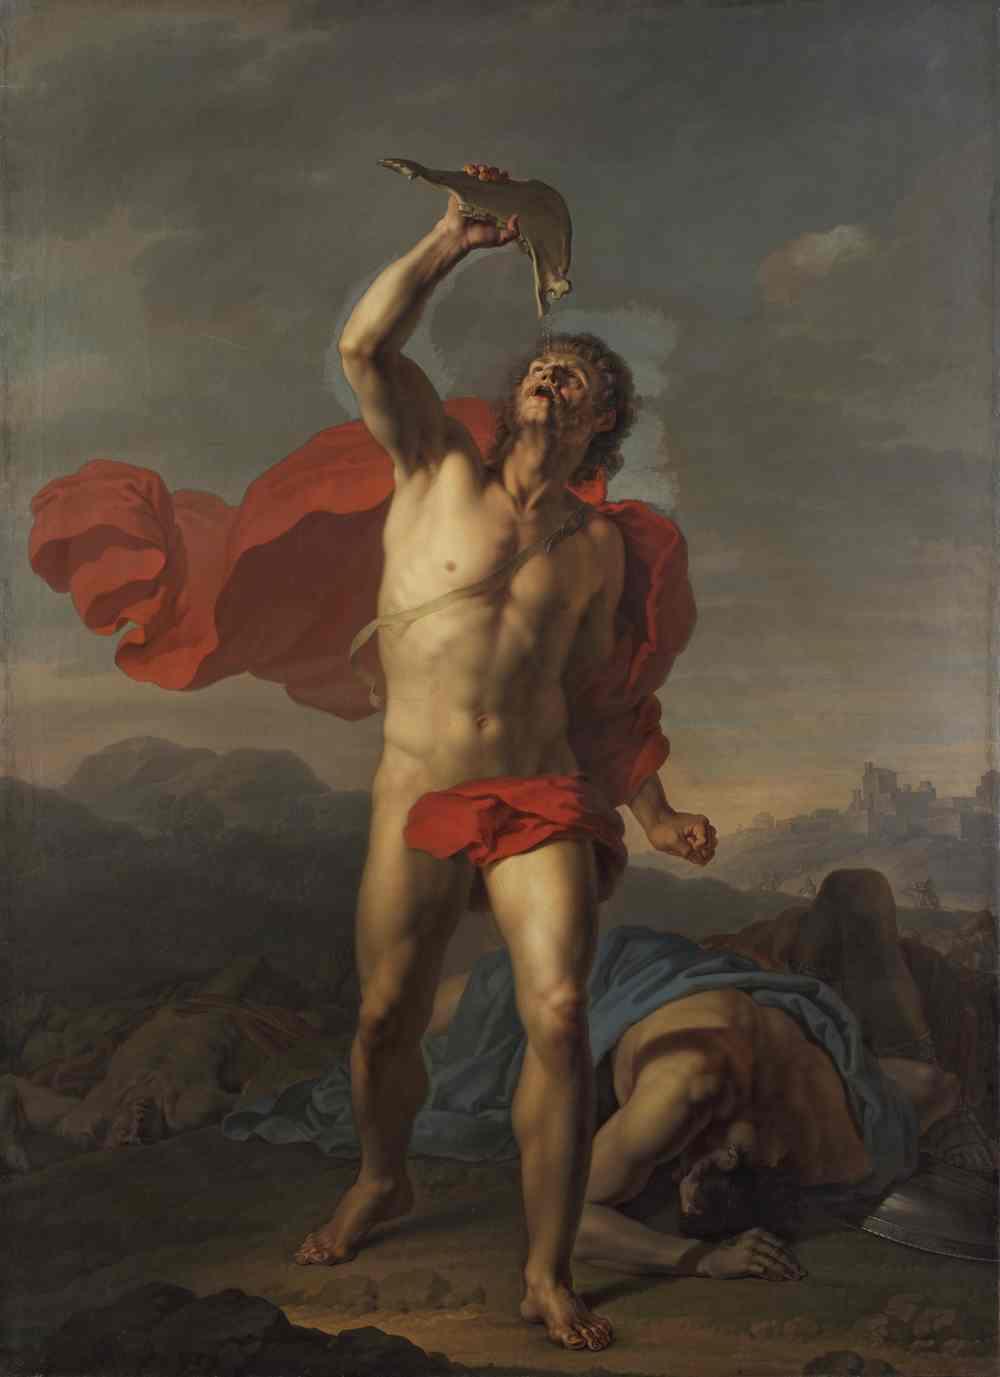 ЧЕРНОВ И. П. Самсон утоляет жажду из ослиной челюсти. 1800